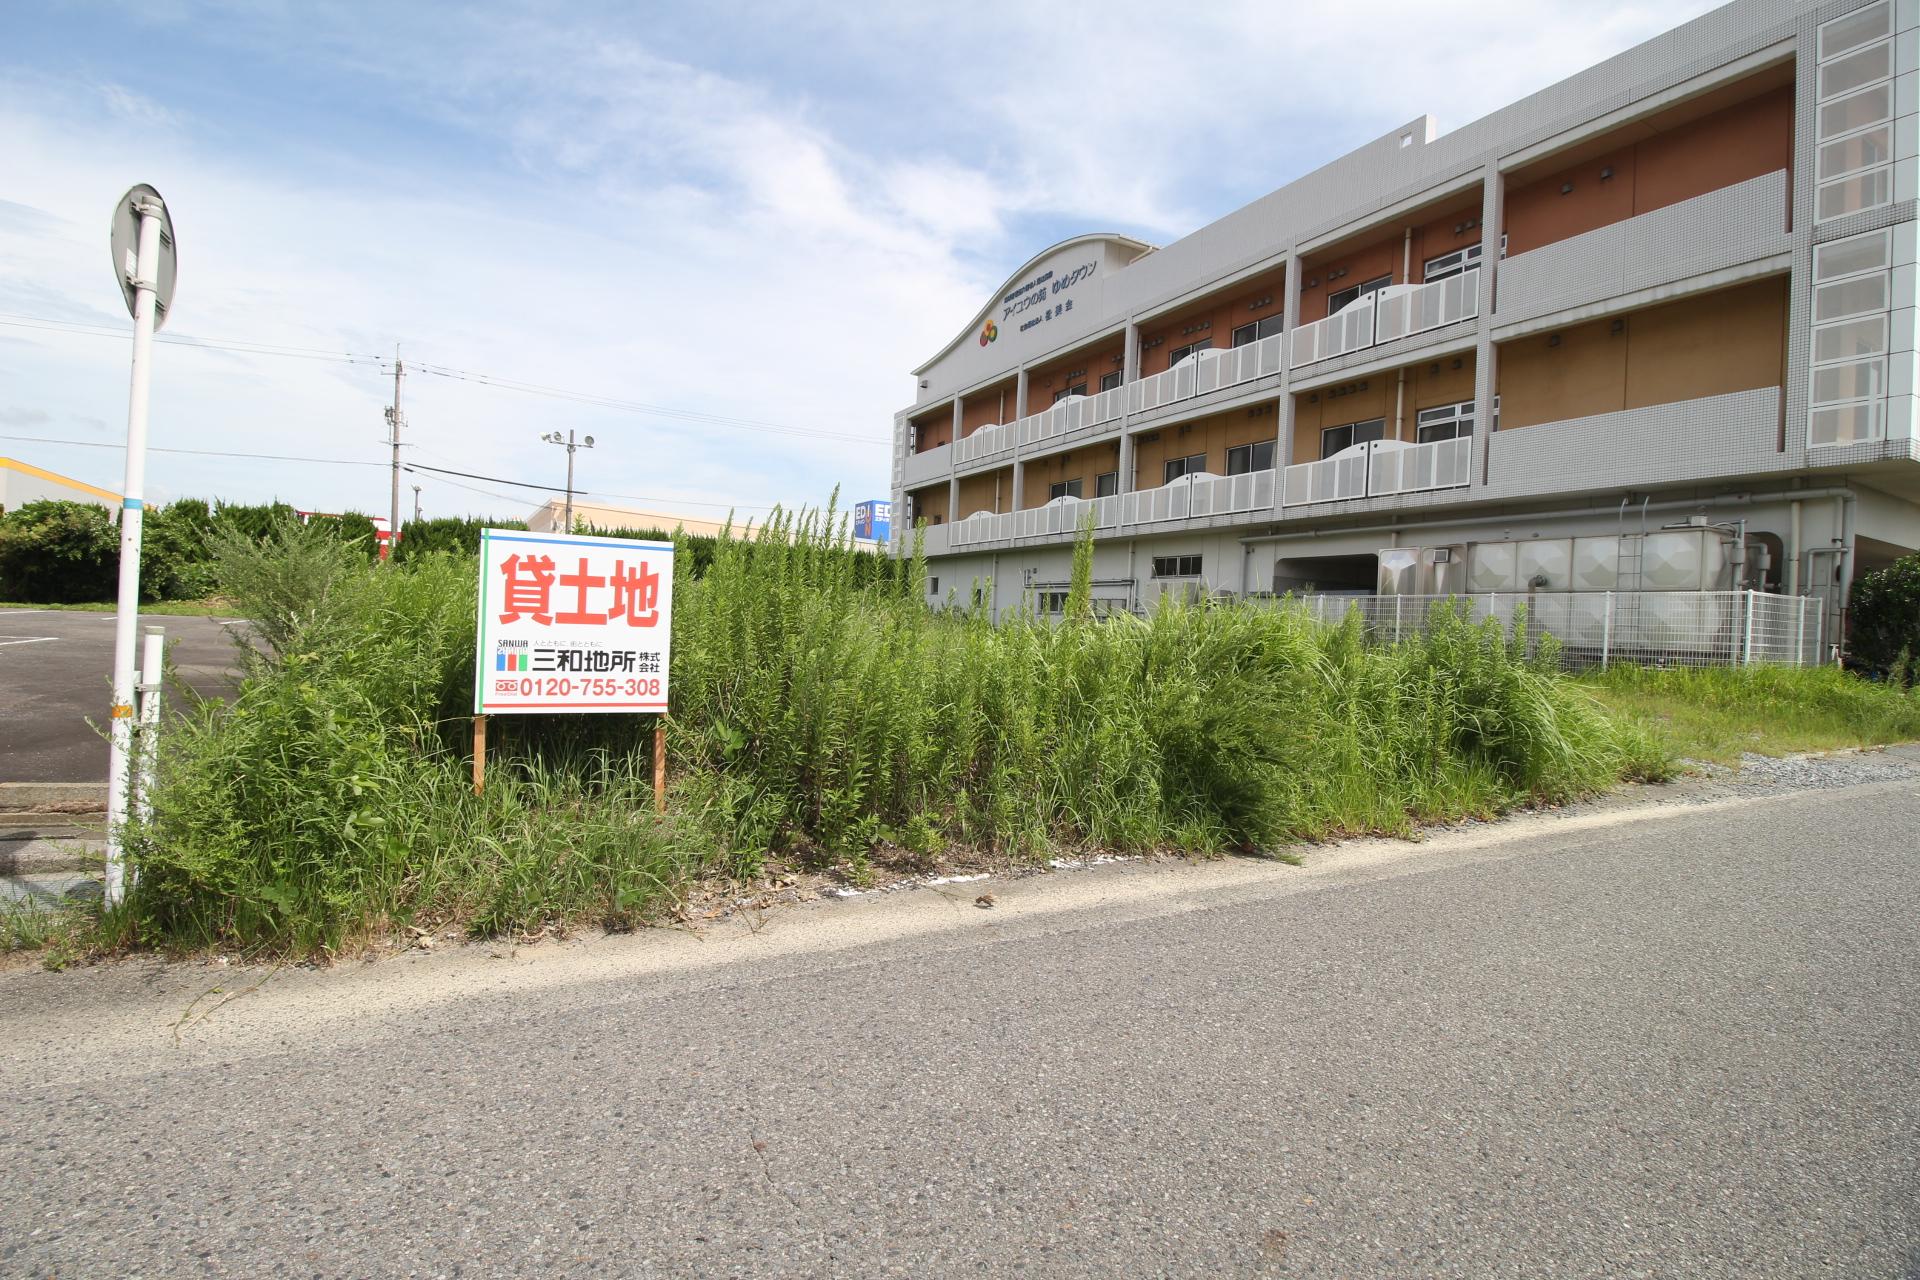 ゆめタウン貸土地 202坪 150,000円(税別)